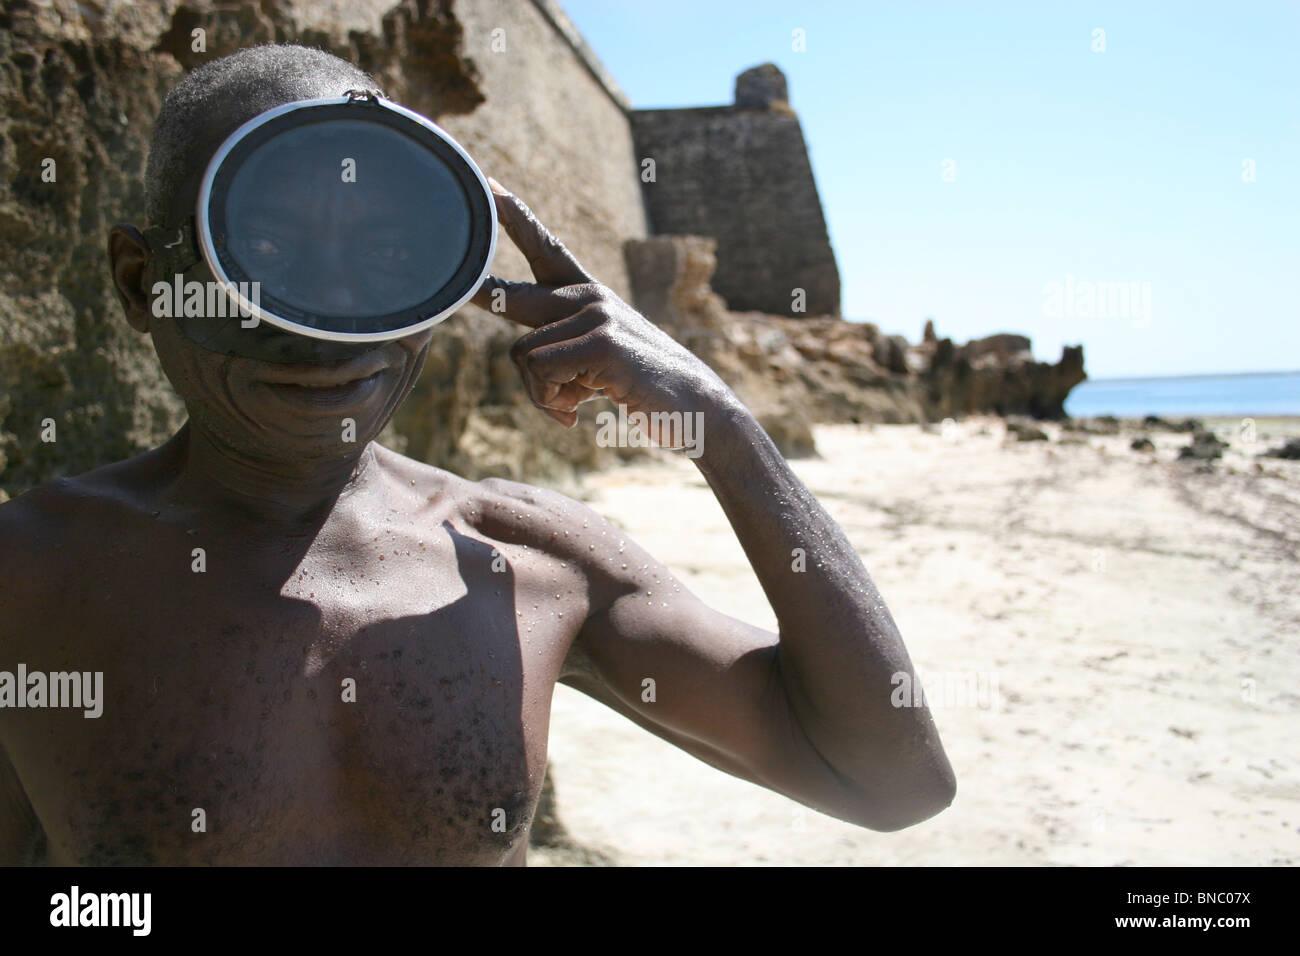 Pescatore mozambicana adegua la sua snorkeling maschera, Ilha de Mozambico. Immagini Stock